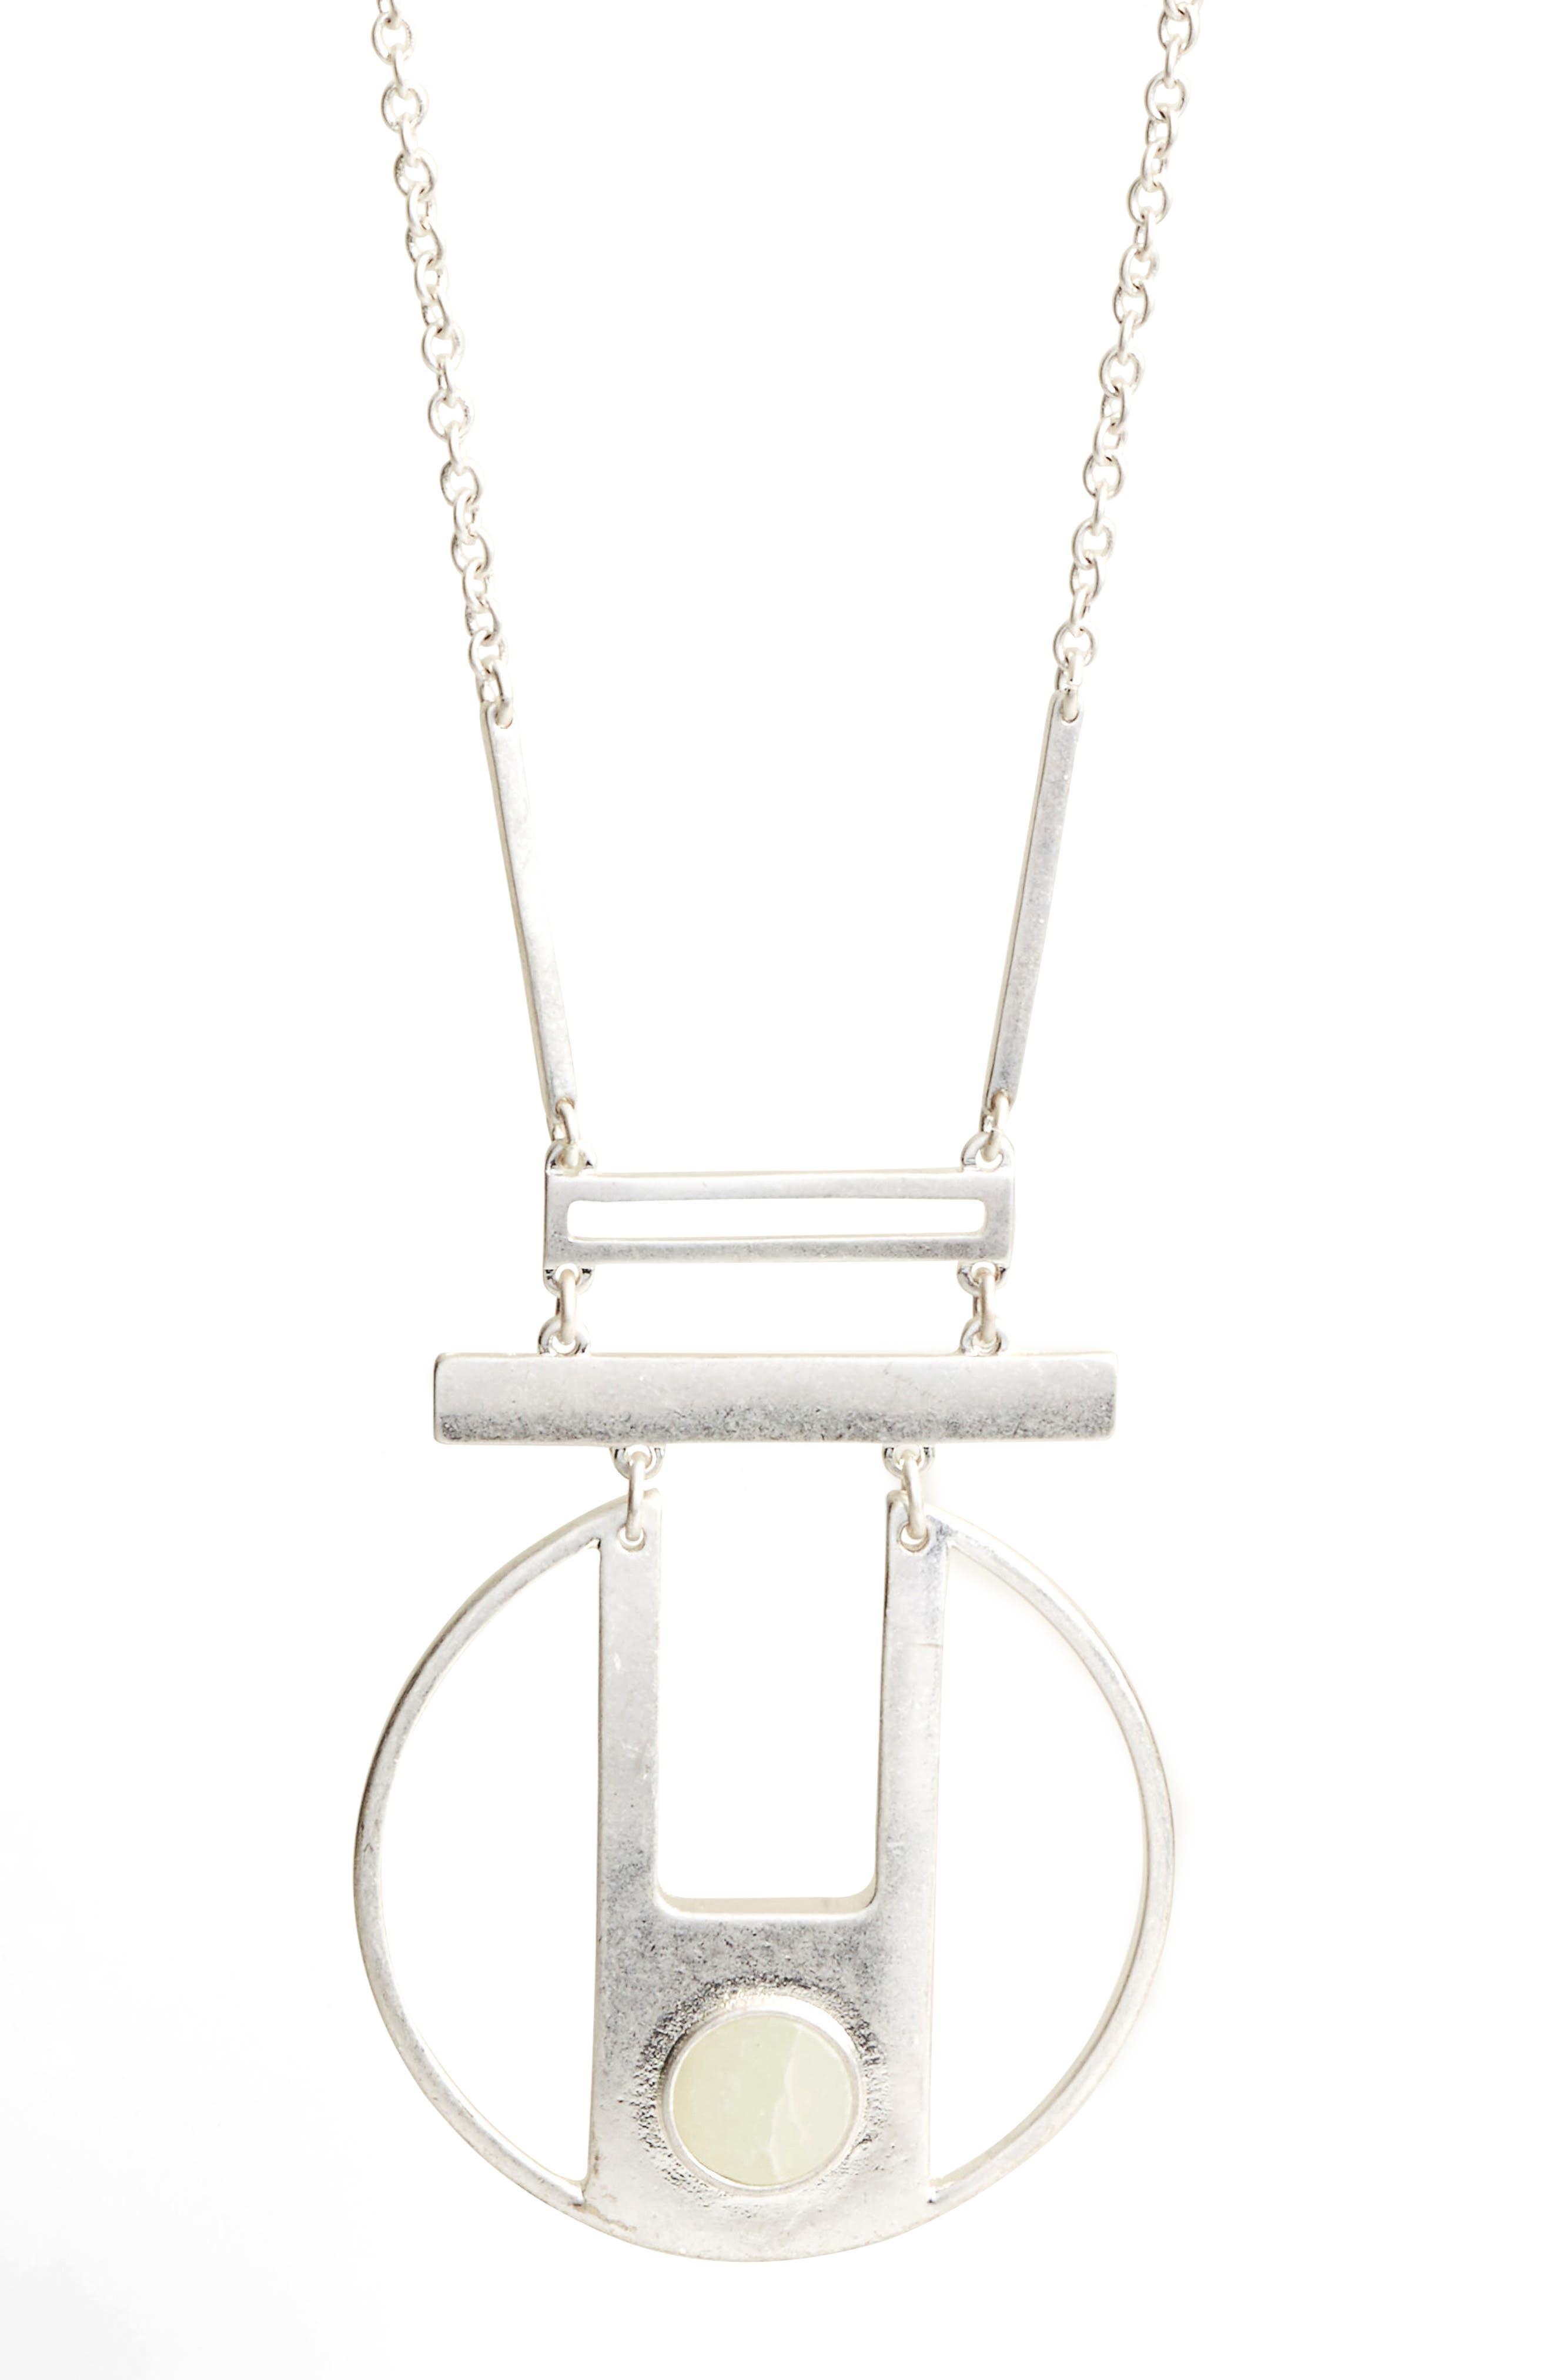 Opal Pendant Necklace,                             Alternate thumbnail 2, color,                             Silver